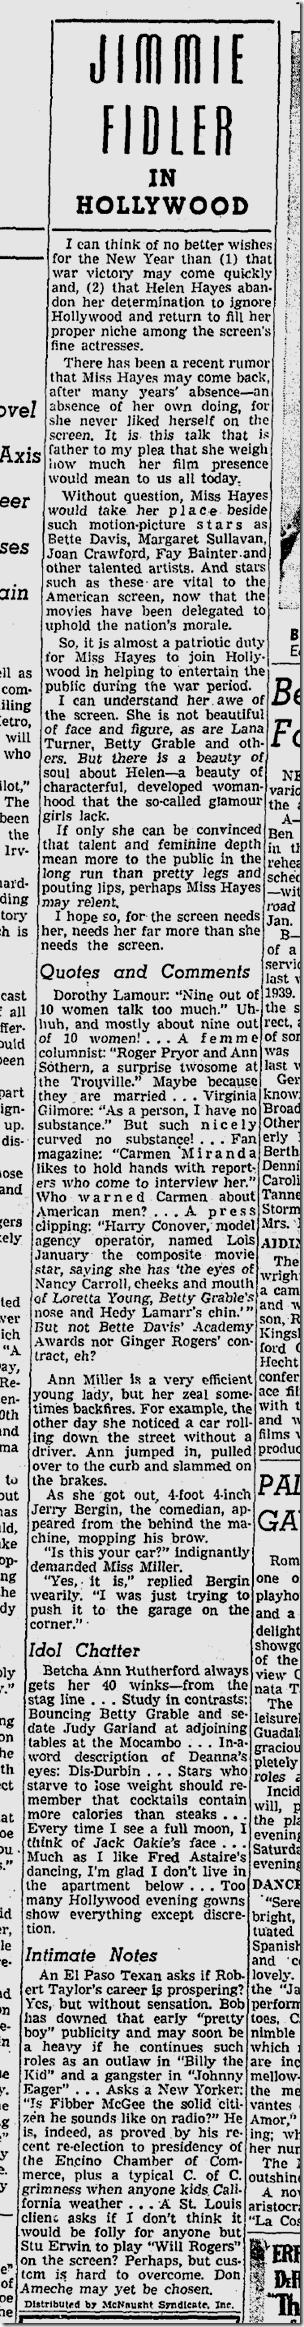 Jan. 5, 1942, Jimmie Fidler